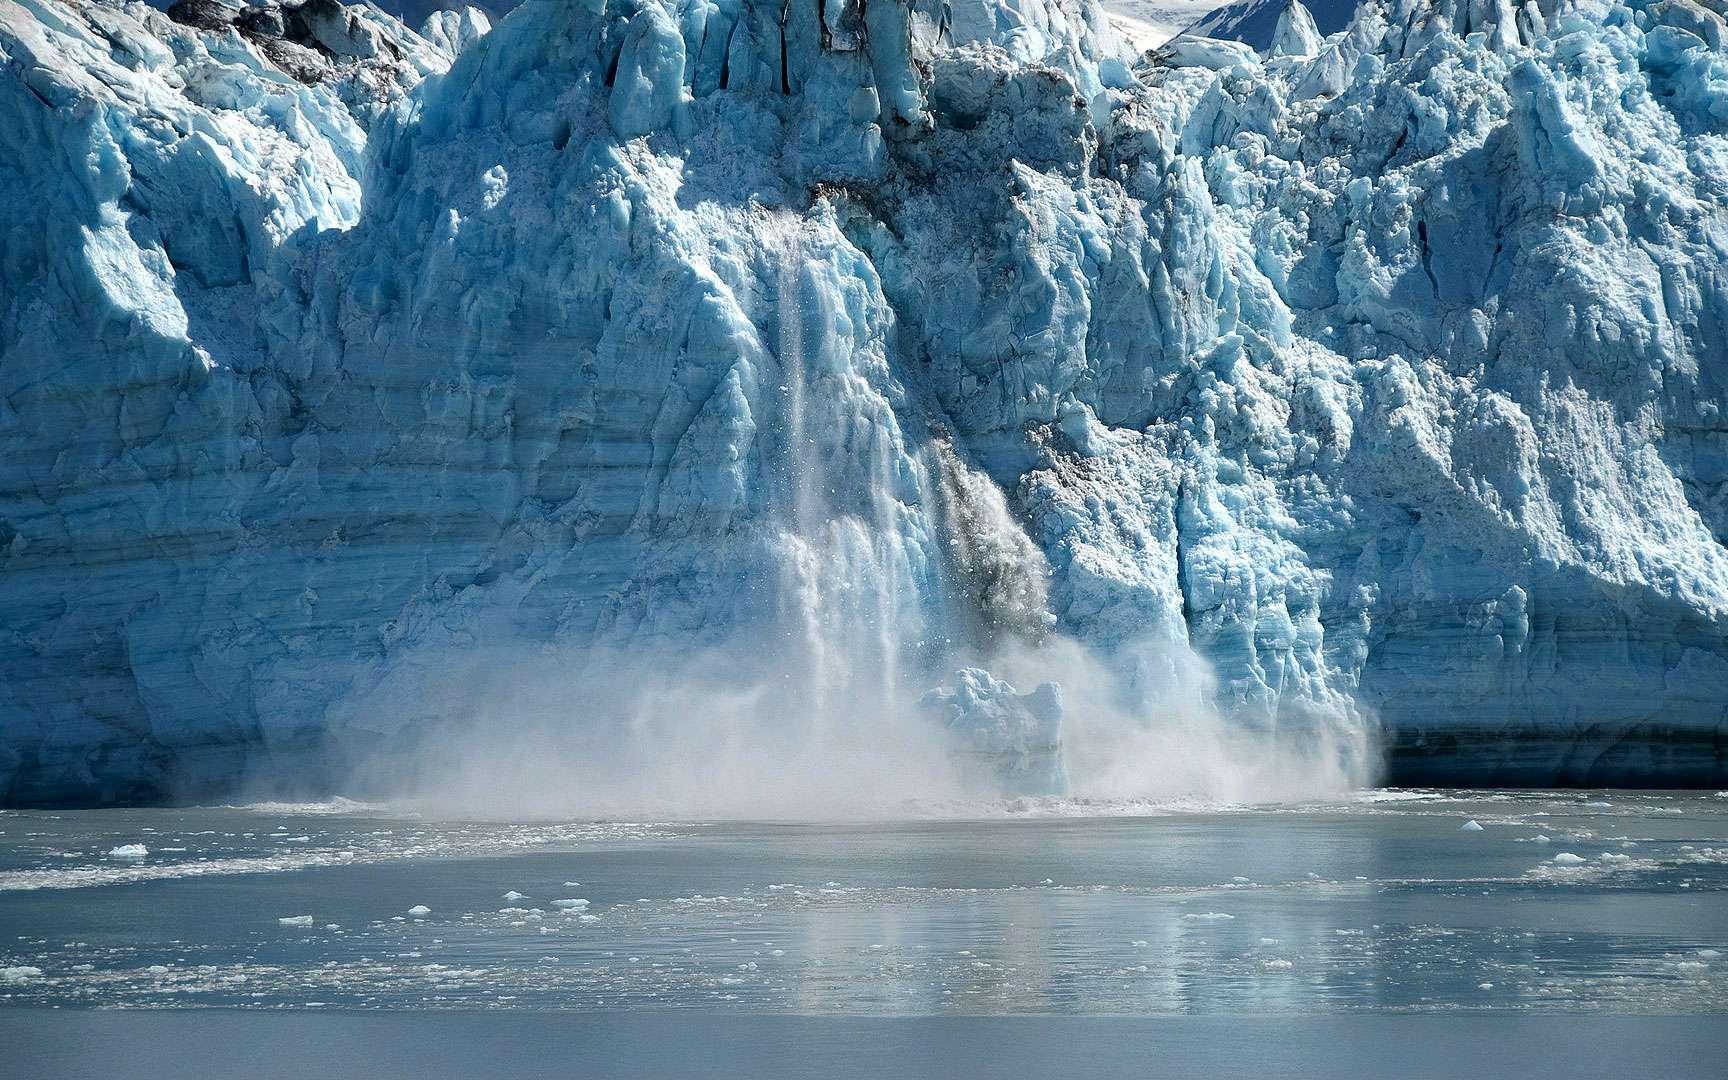 COP21 : La banquise Arctique disparait à une vitesse inquiétante